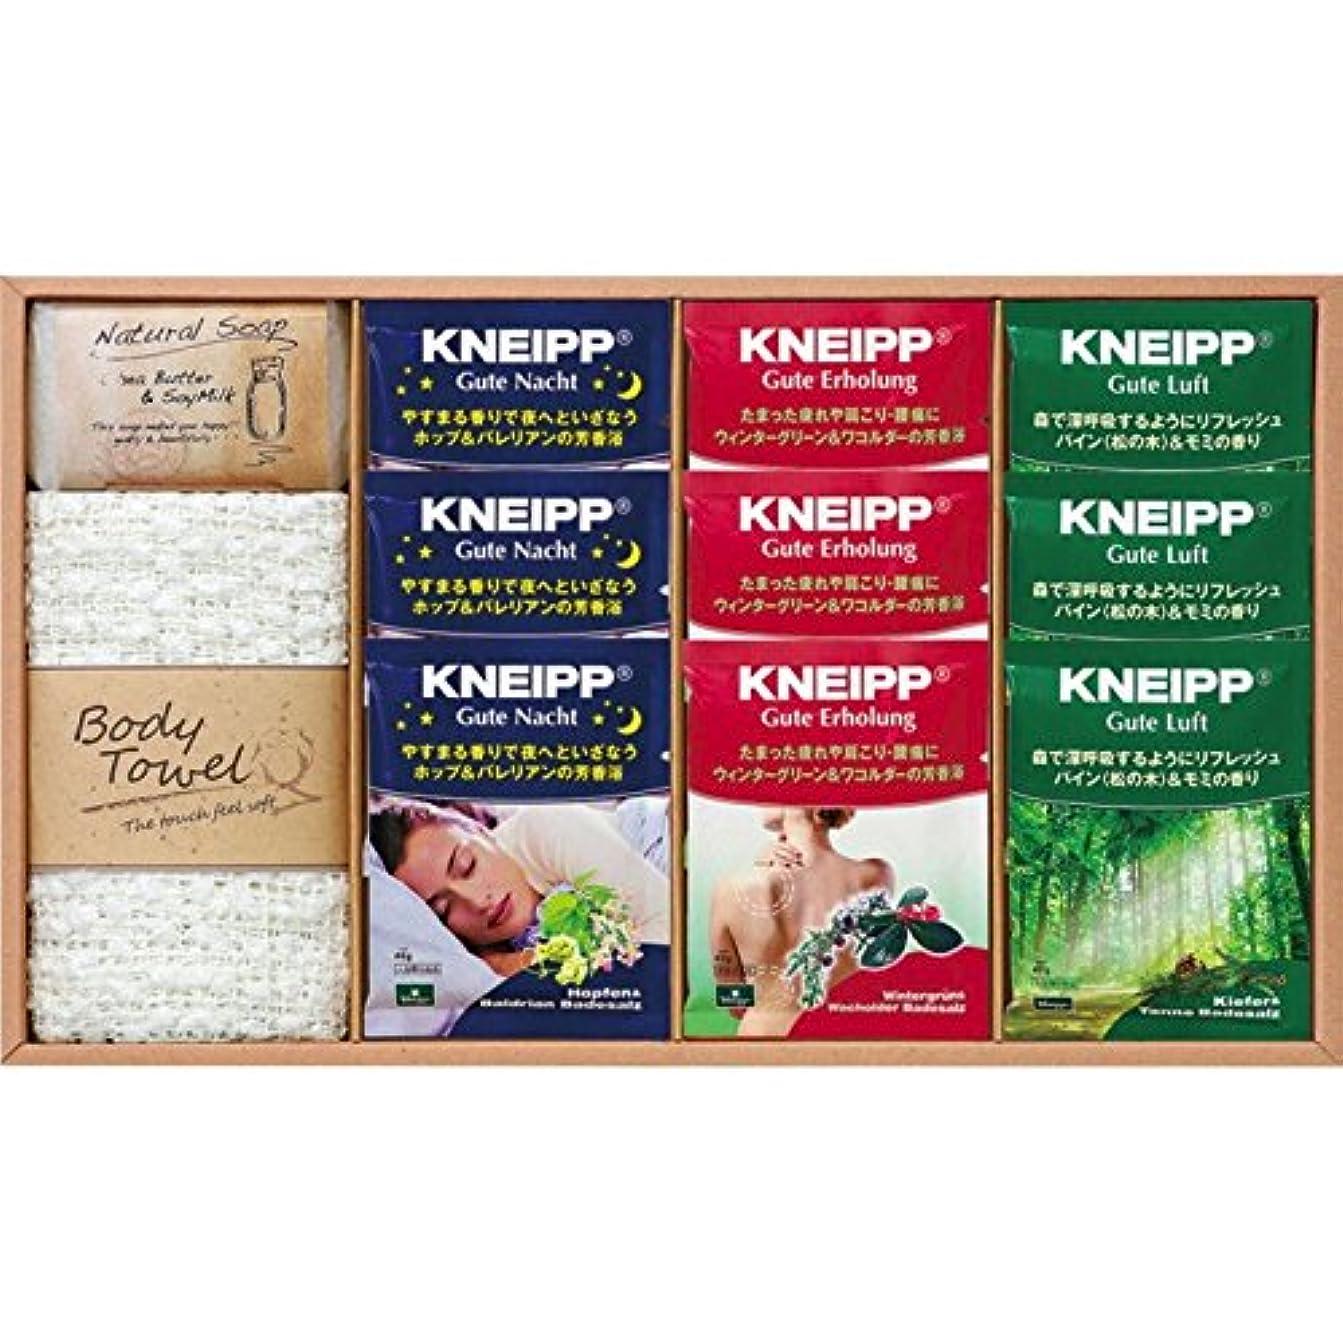 十分お茶写真を撮る【ギフトセット】 クナイプギフトセット KNIP-25